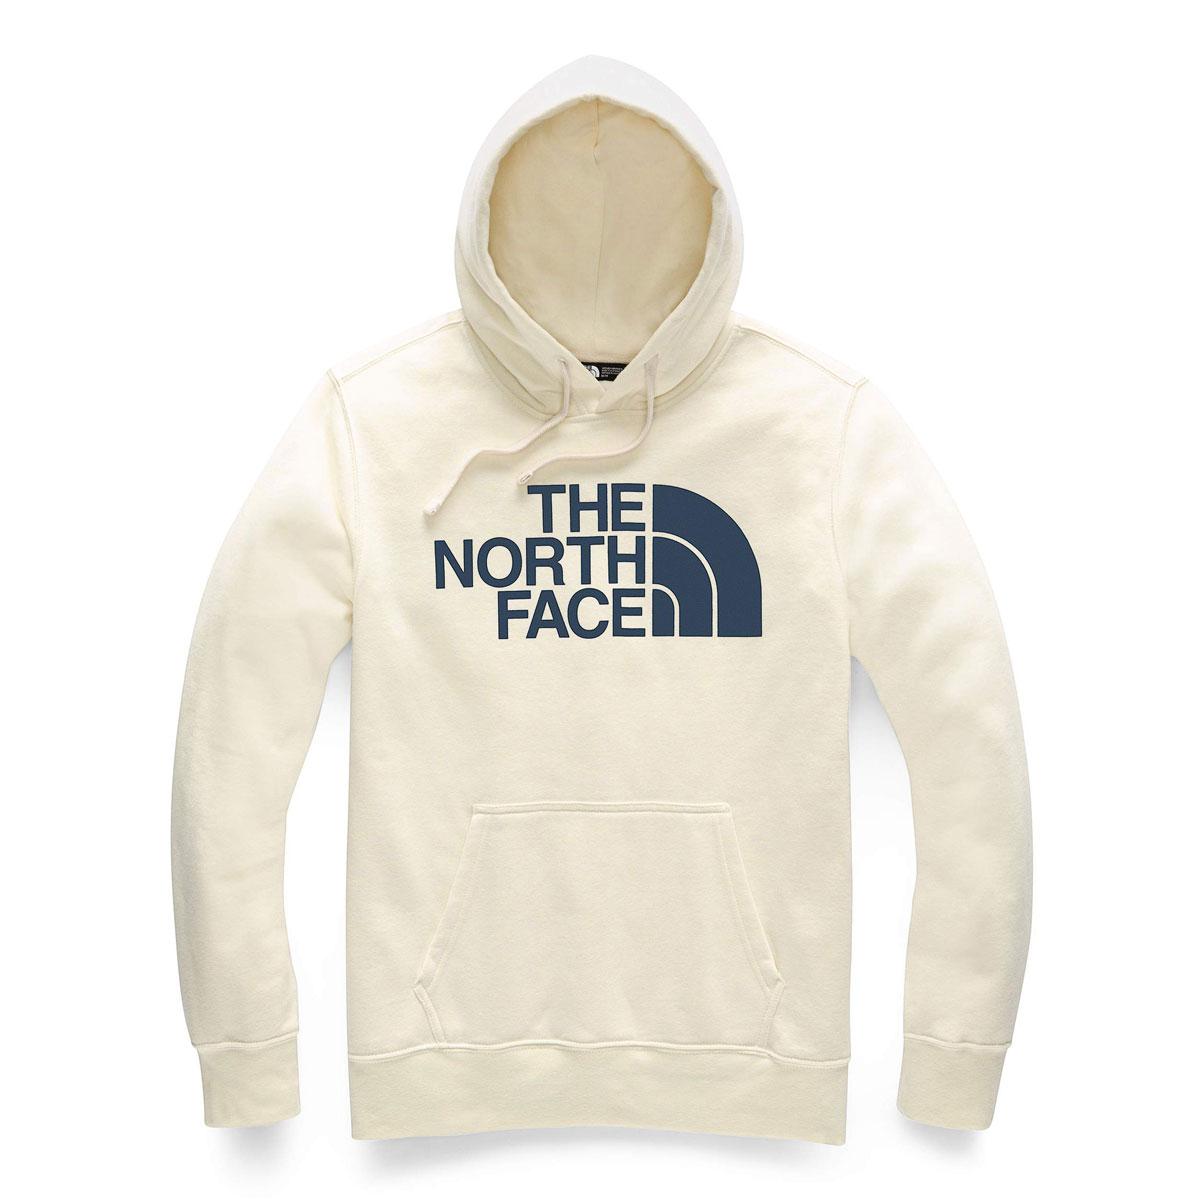 ノースフェイス パーカー メンズ 正規品 THE NORTH FACE プルオーバーパーカー ロゴ THE NORTH FACE M HALF DOME PULLOVER HOODIE VINTAGE WHITE NF0A4M4B A14B B1C C1D D5E E01F ホワイトデー 2021 ラッピング無料